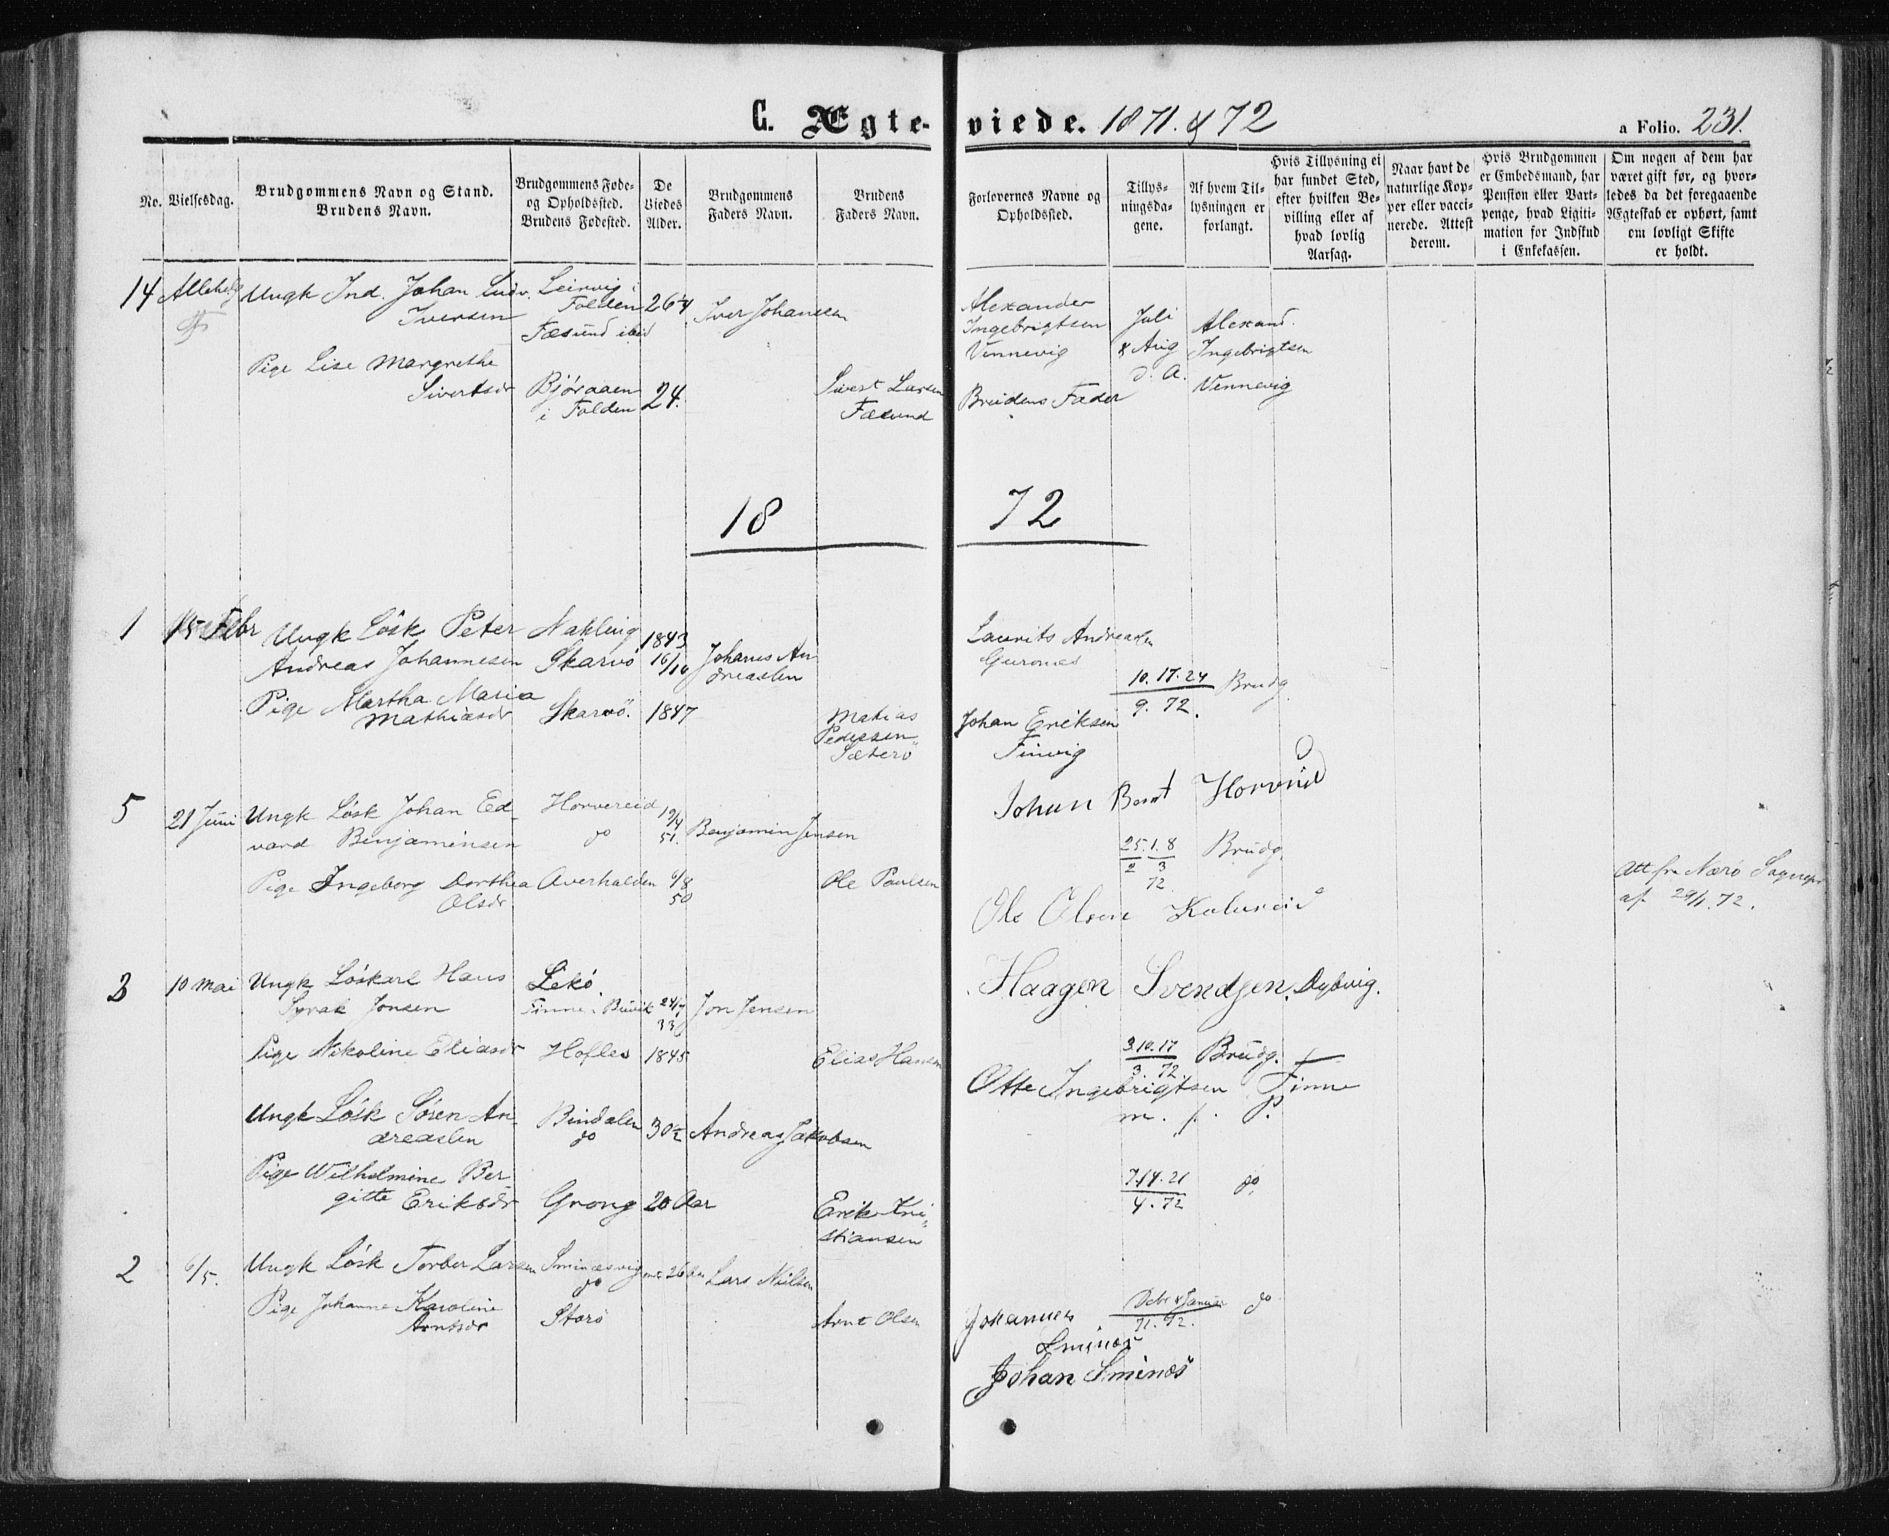 SAT, Ministerialprotokoller, klokkerbøker og fødselsregistre - Nord-Trøndelag, 780/L0641: Ministerialbok nr. 780A06, 1857-1874, s. 231